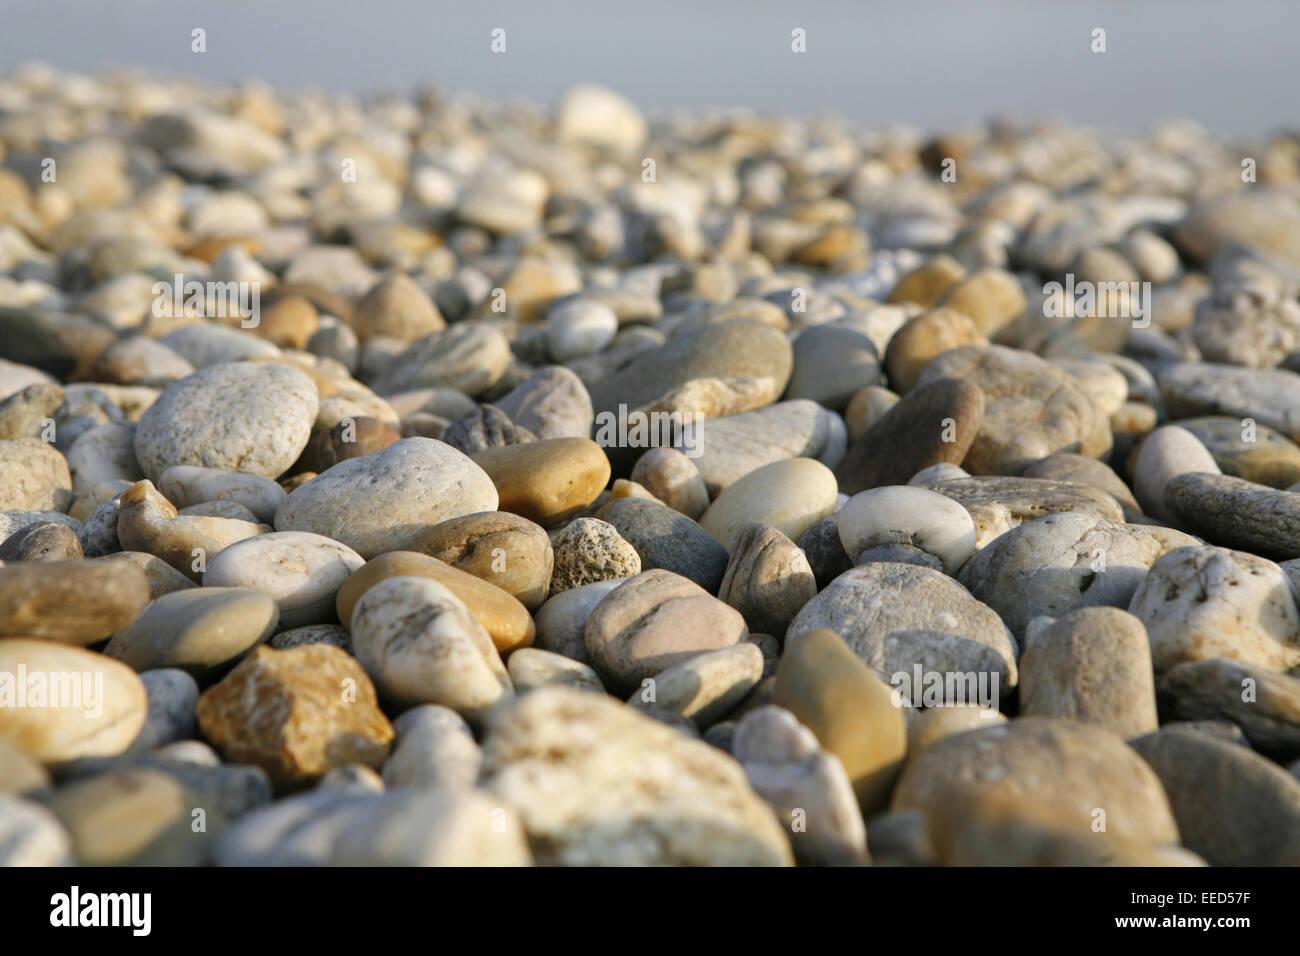 steine wasser see ufer strand dunst geologie gestein stein stock photo royalty free. Black Bedroom Furniture Sets. Home Design Ideas